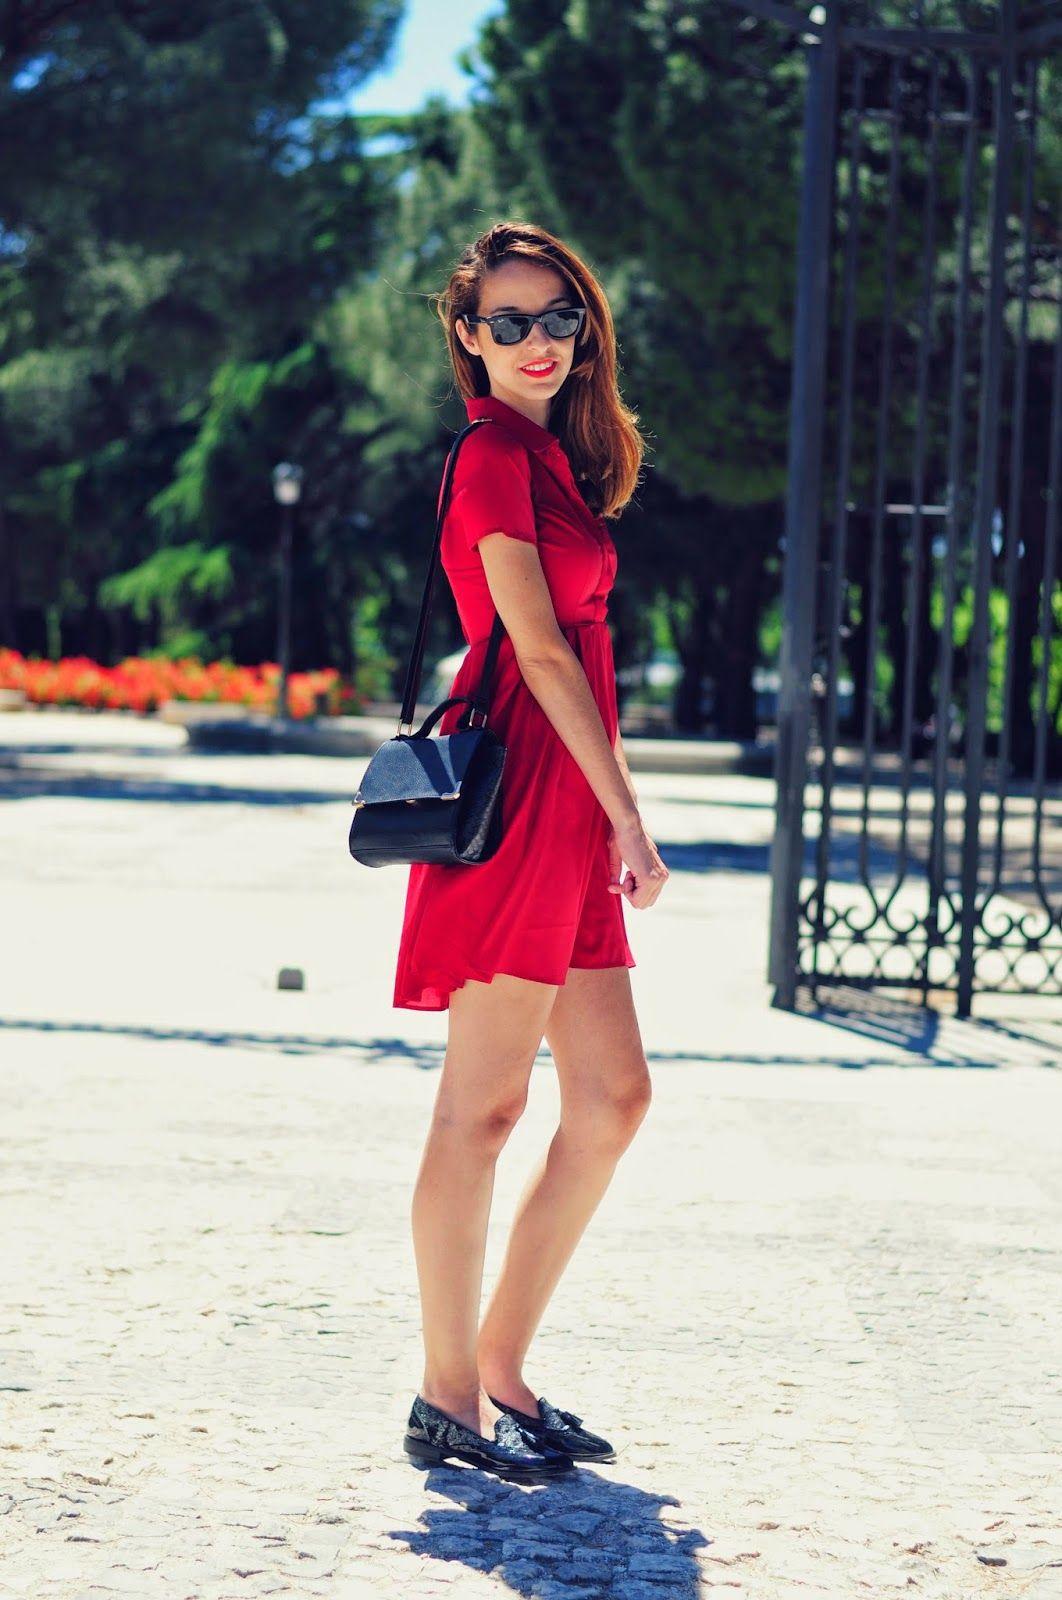 Vestido Rojo By Corazon Maniqui